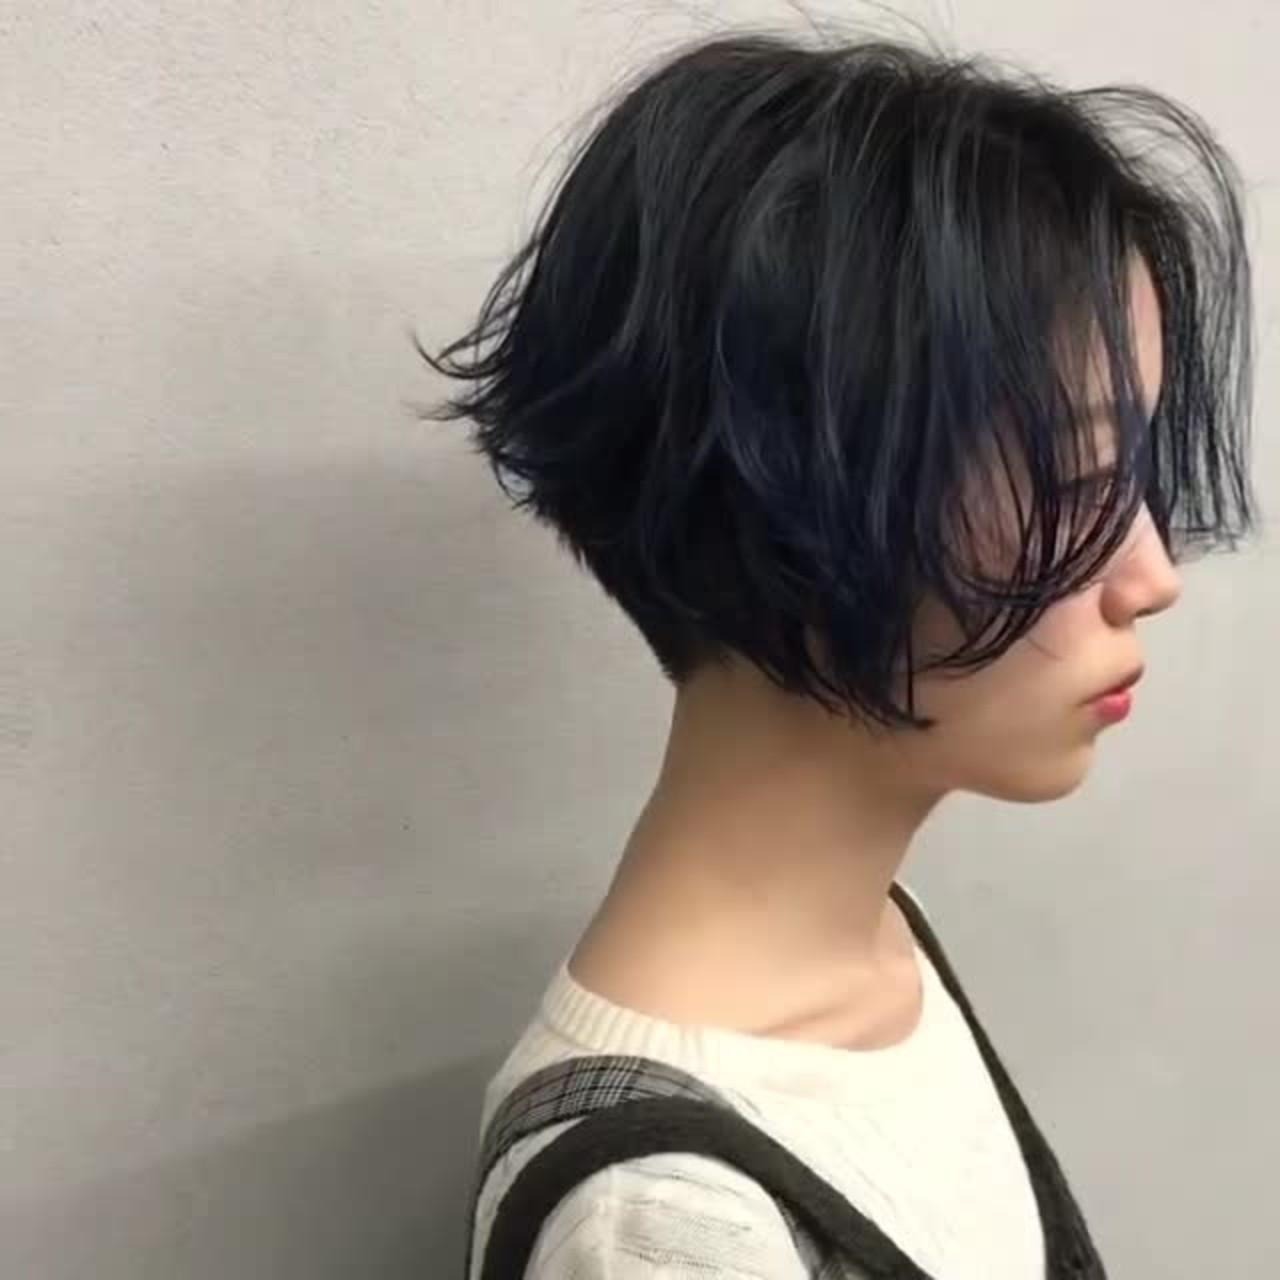 ふんわり感満点のベリーショート ショート職人 伊藤修久 【#tag】